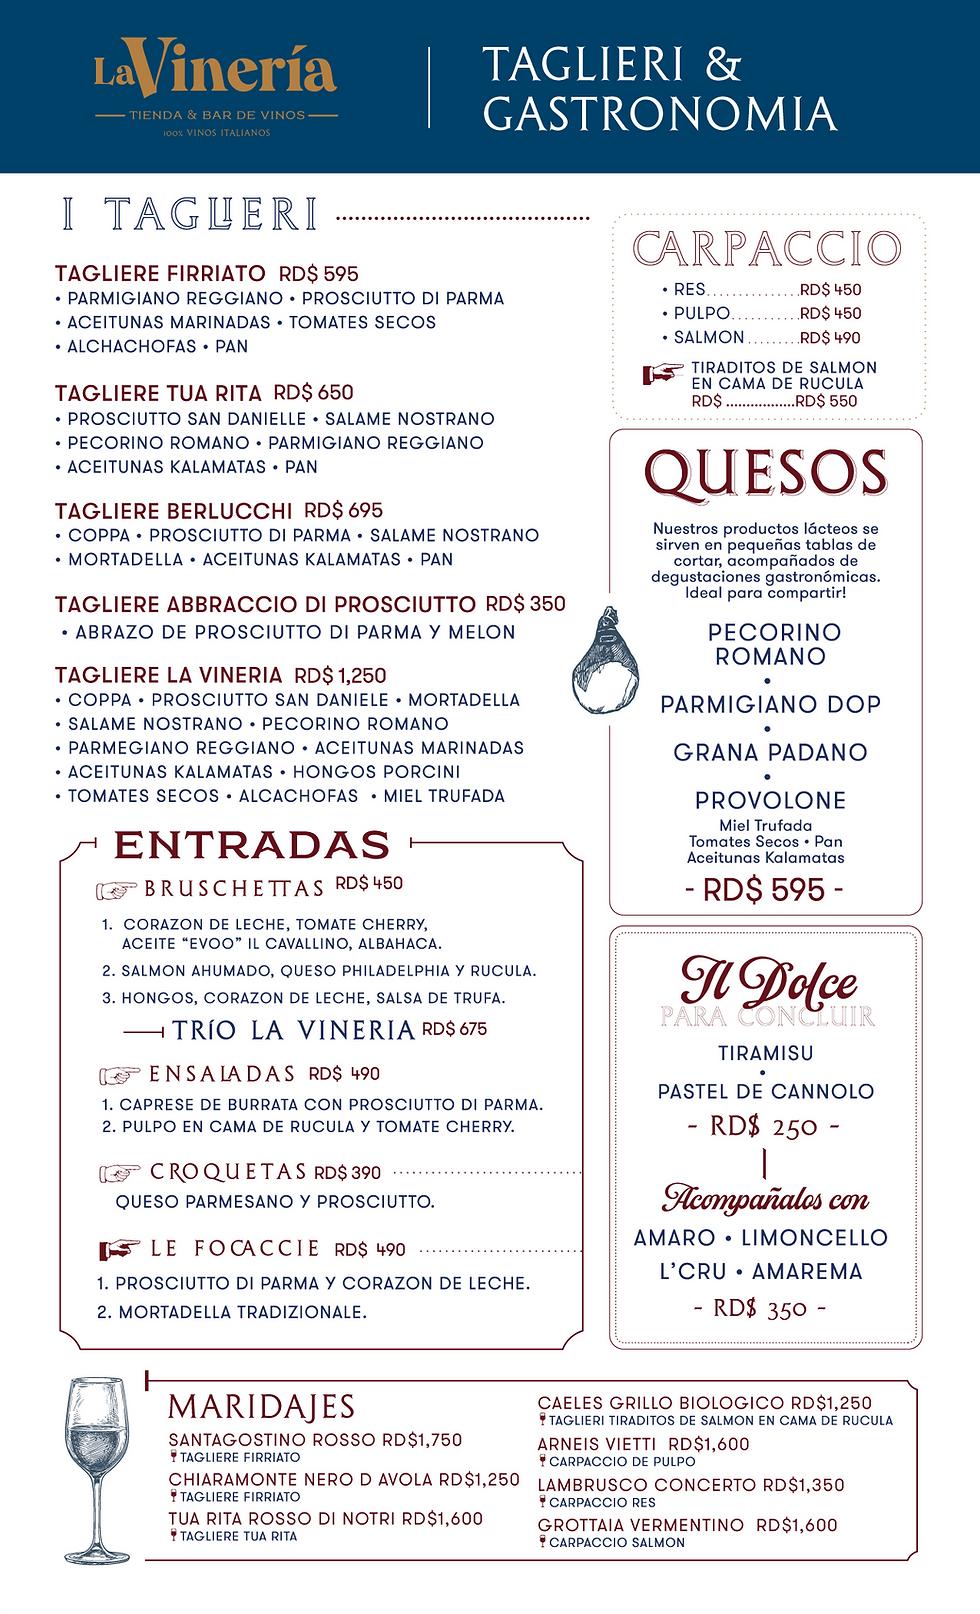 Menu-La-Vineria-Vinos-Gastronomia-02.png